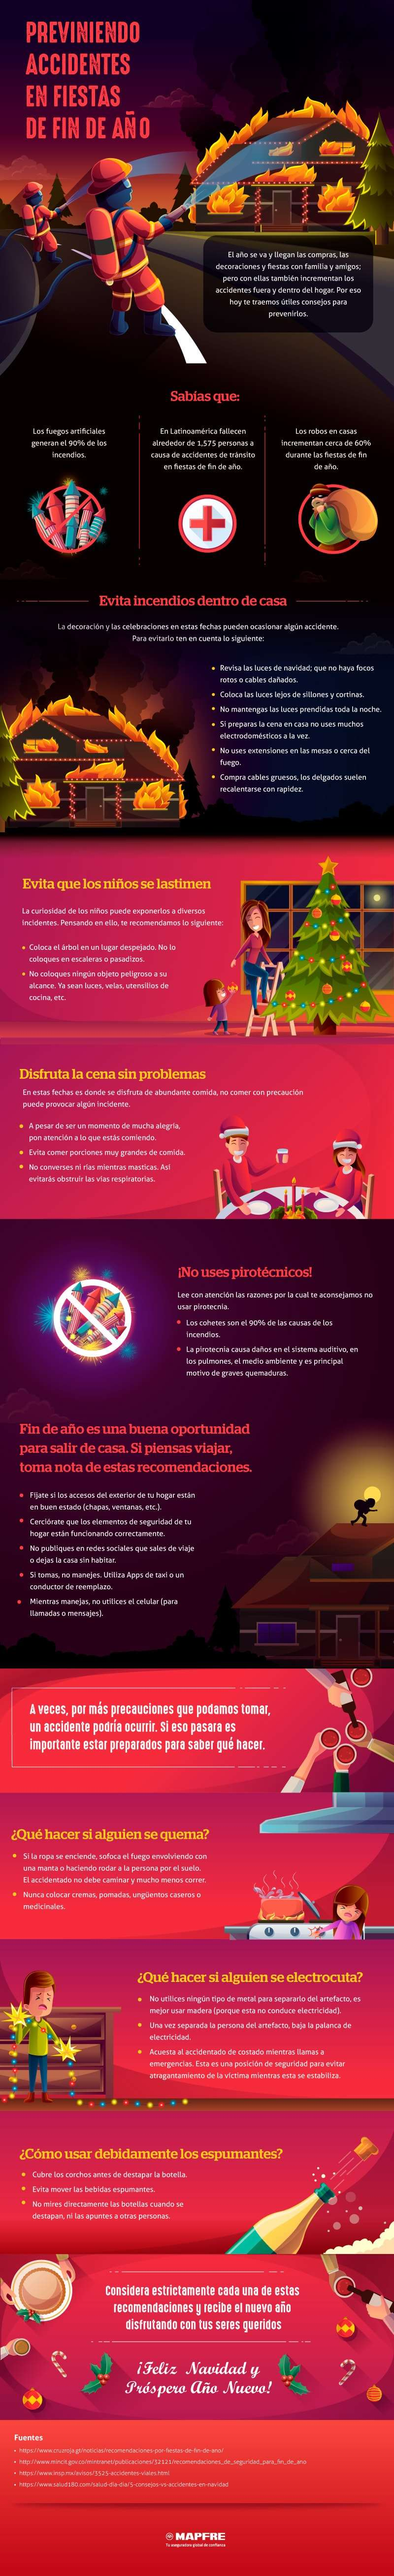 Infografía: previniendo accidentes en fiestas de fin de año y navidad 3